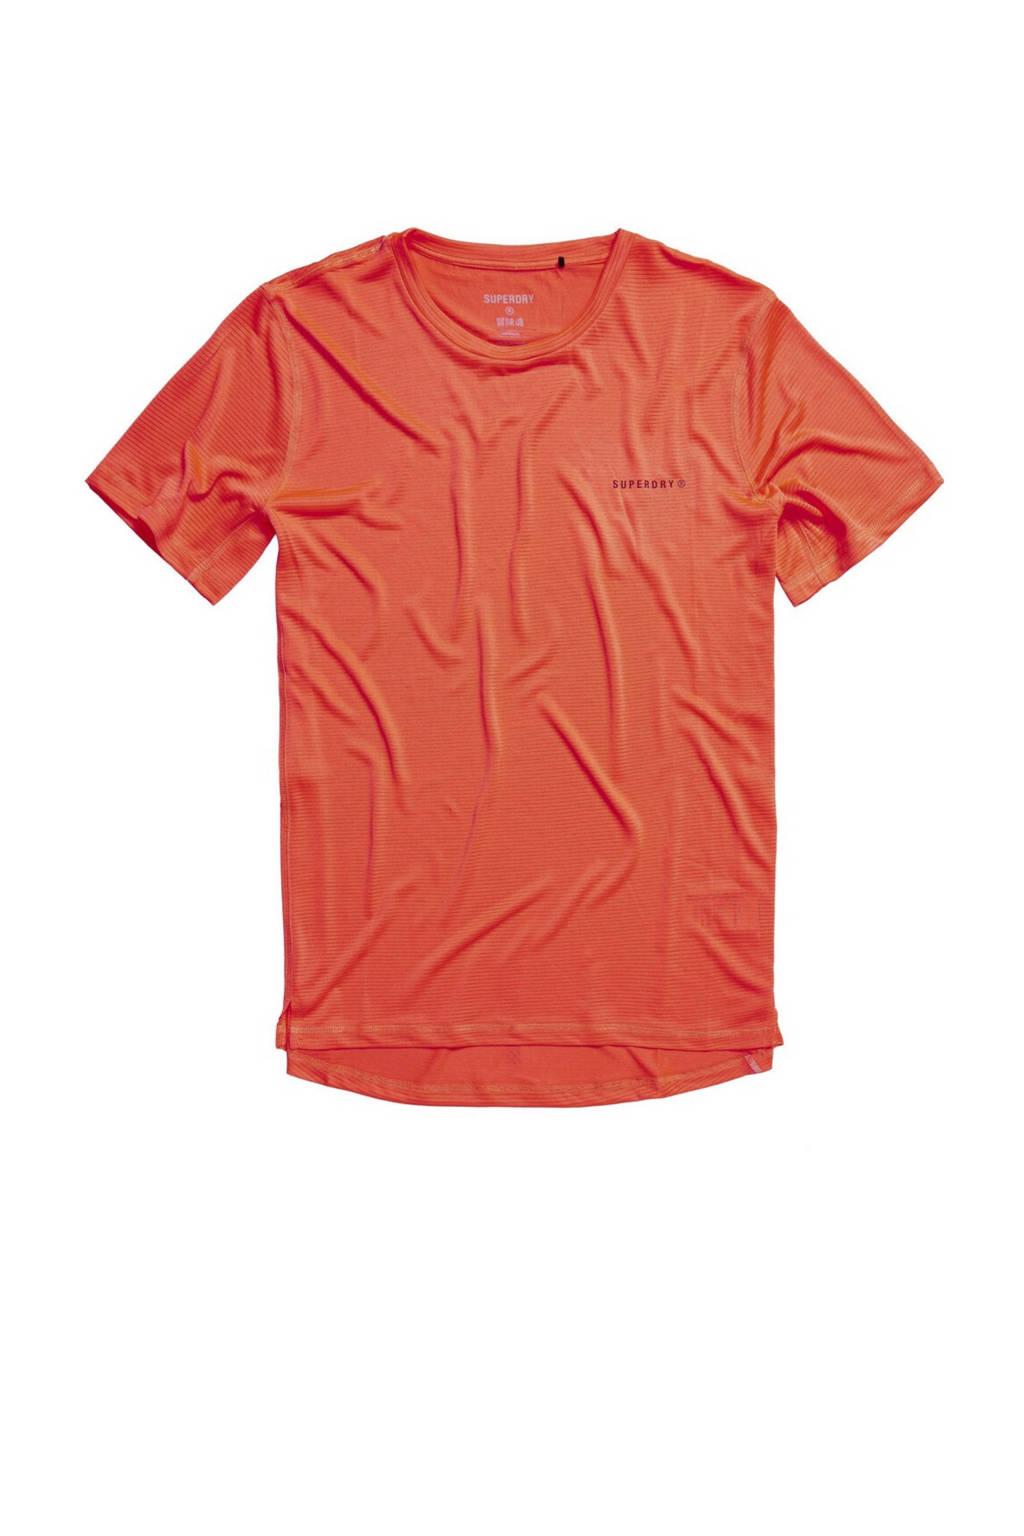 Superdry Sport   T-shirt oranje, Oranje